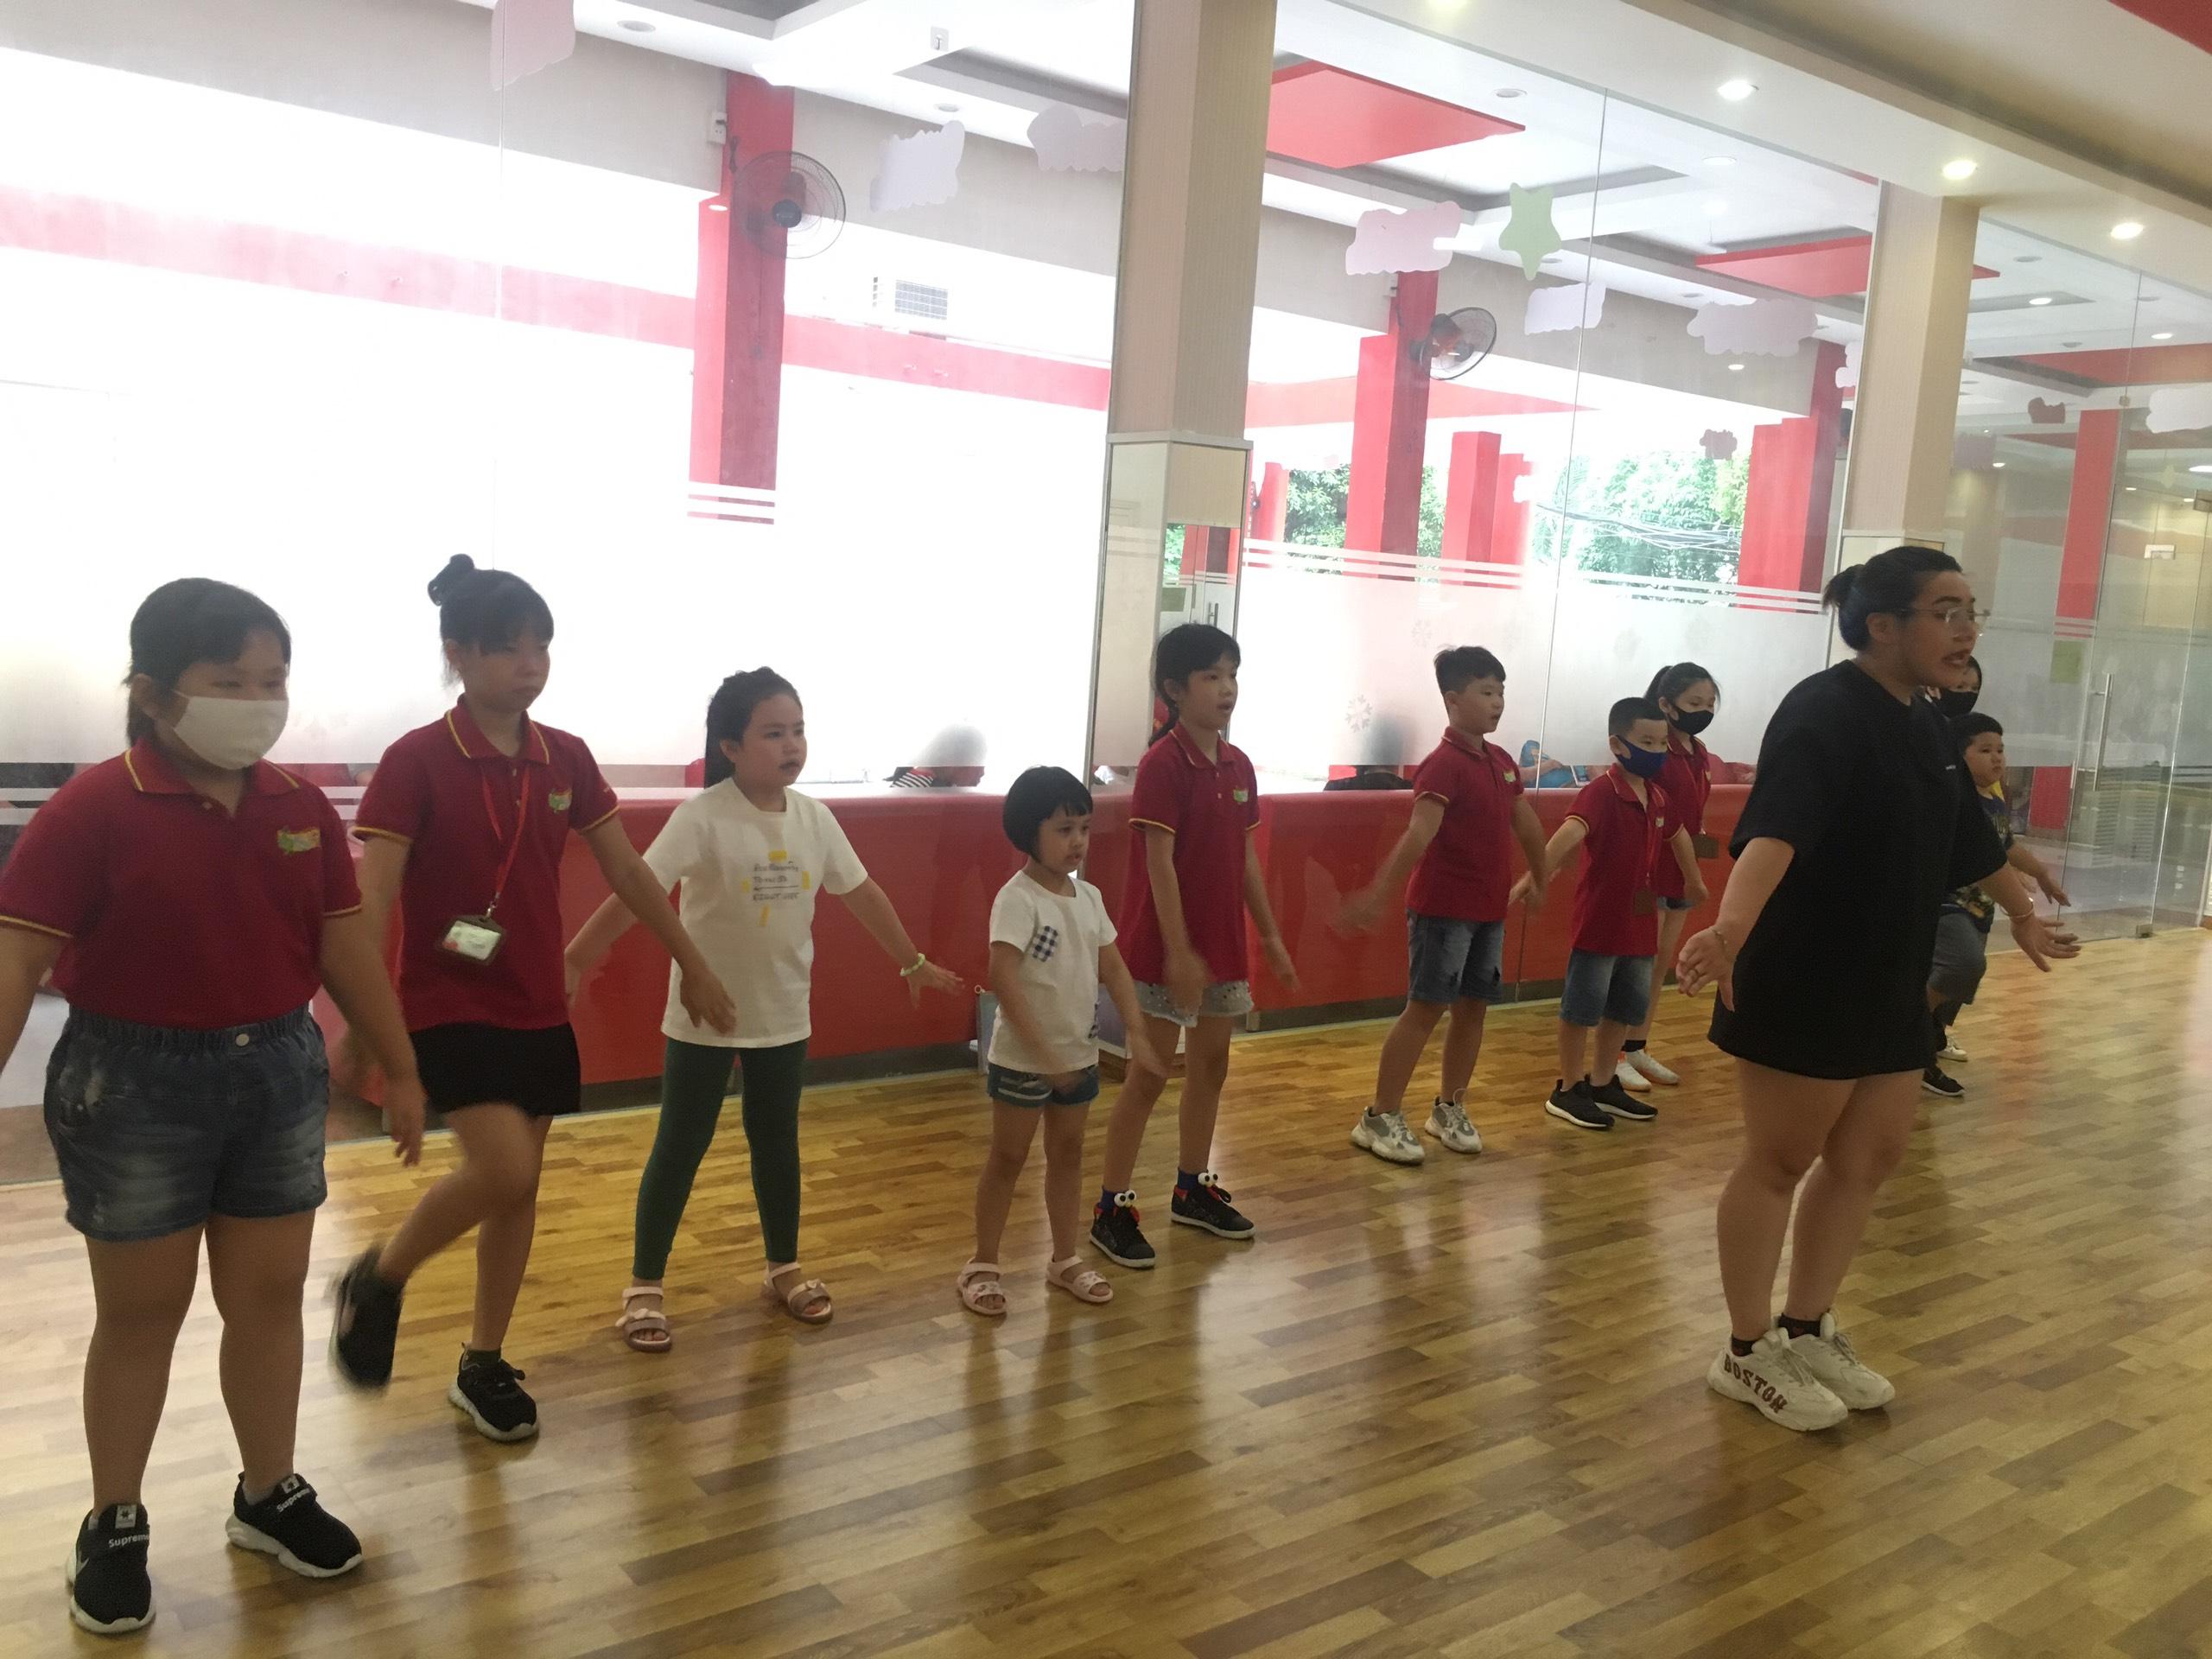 Chiêu sinh lớp nhảy hiện đại - Cover Kpop thiếu nhi